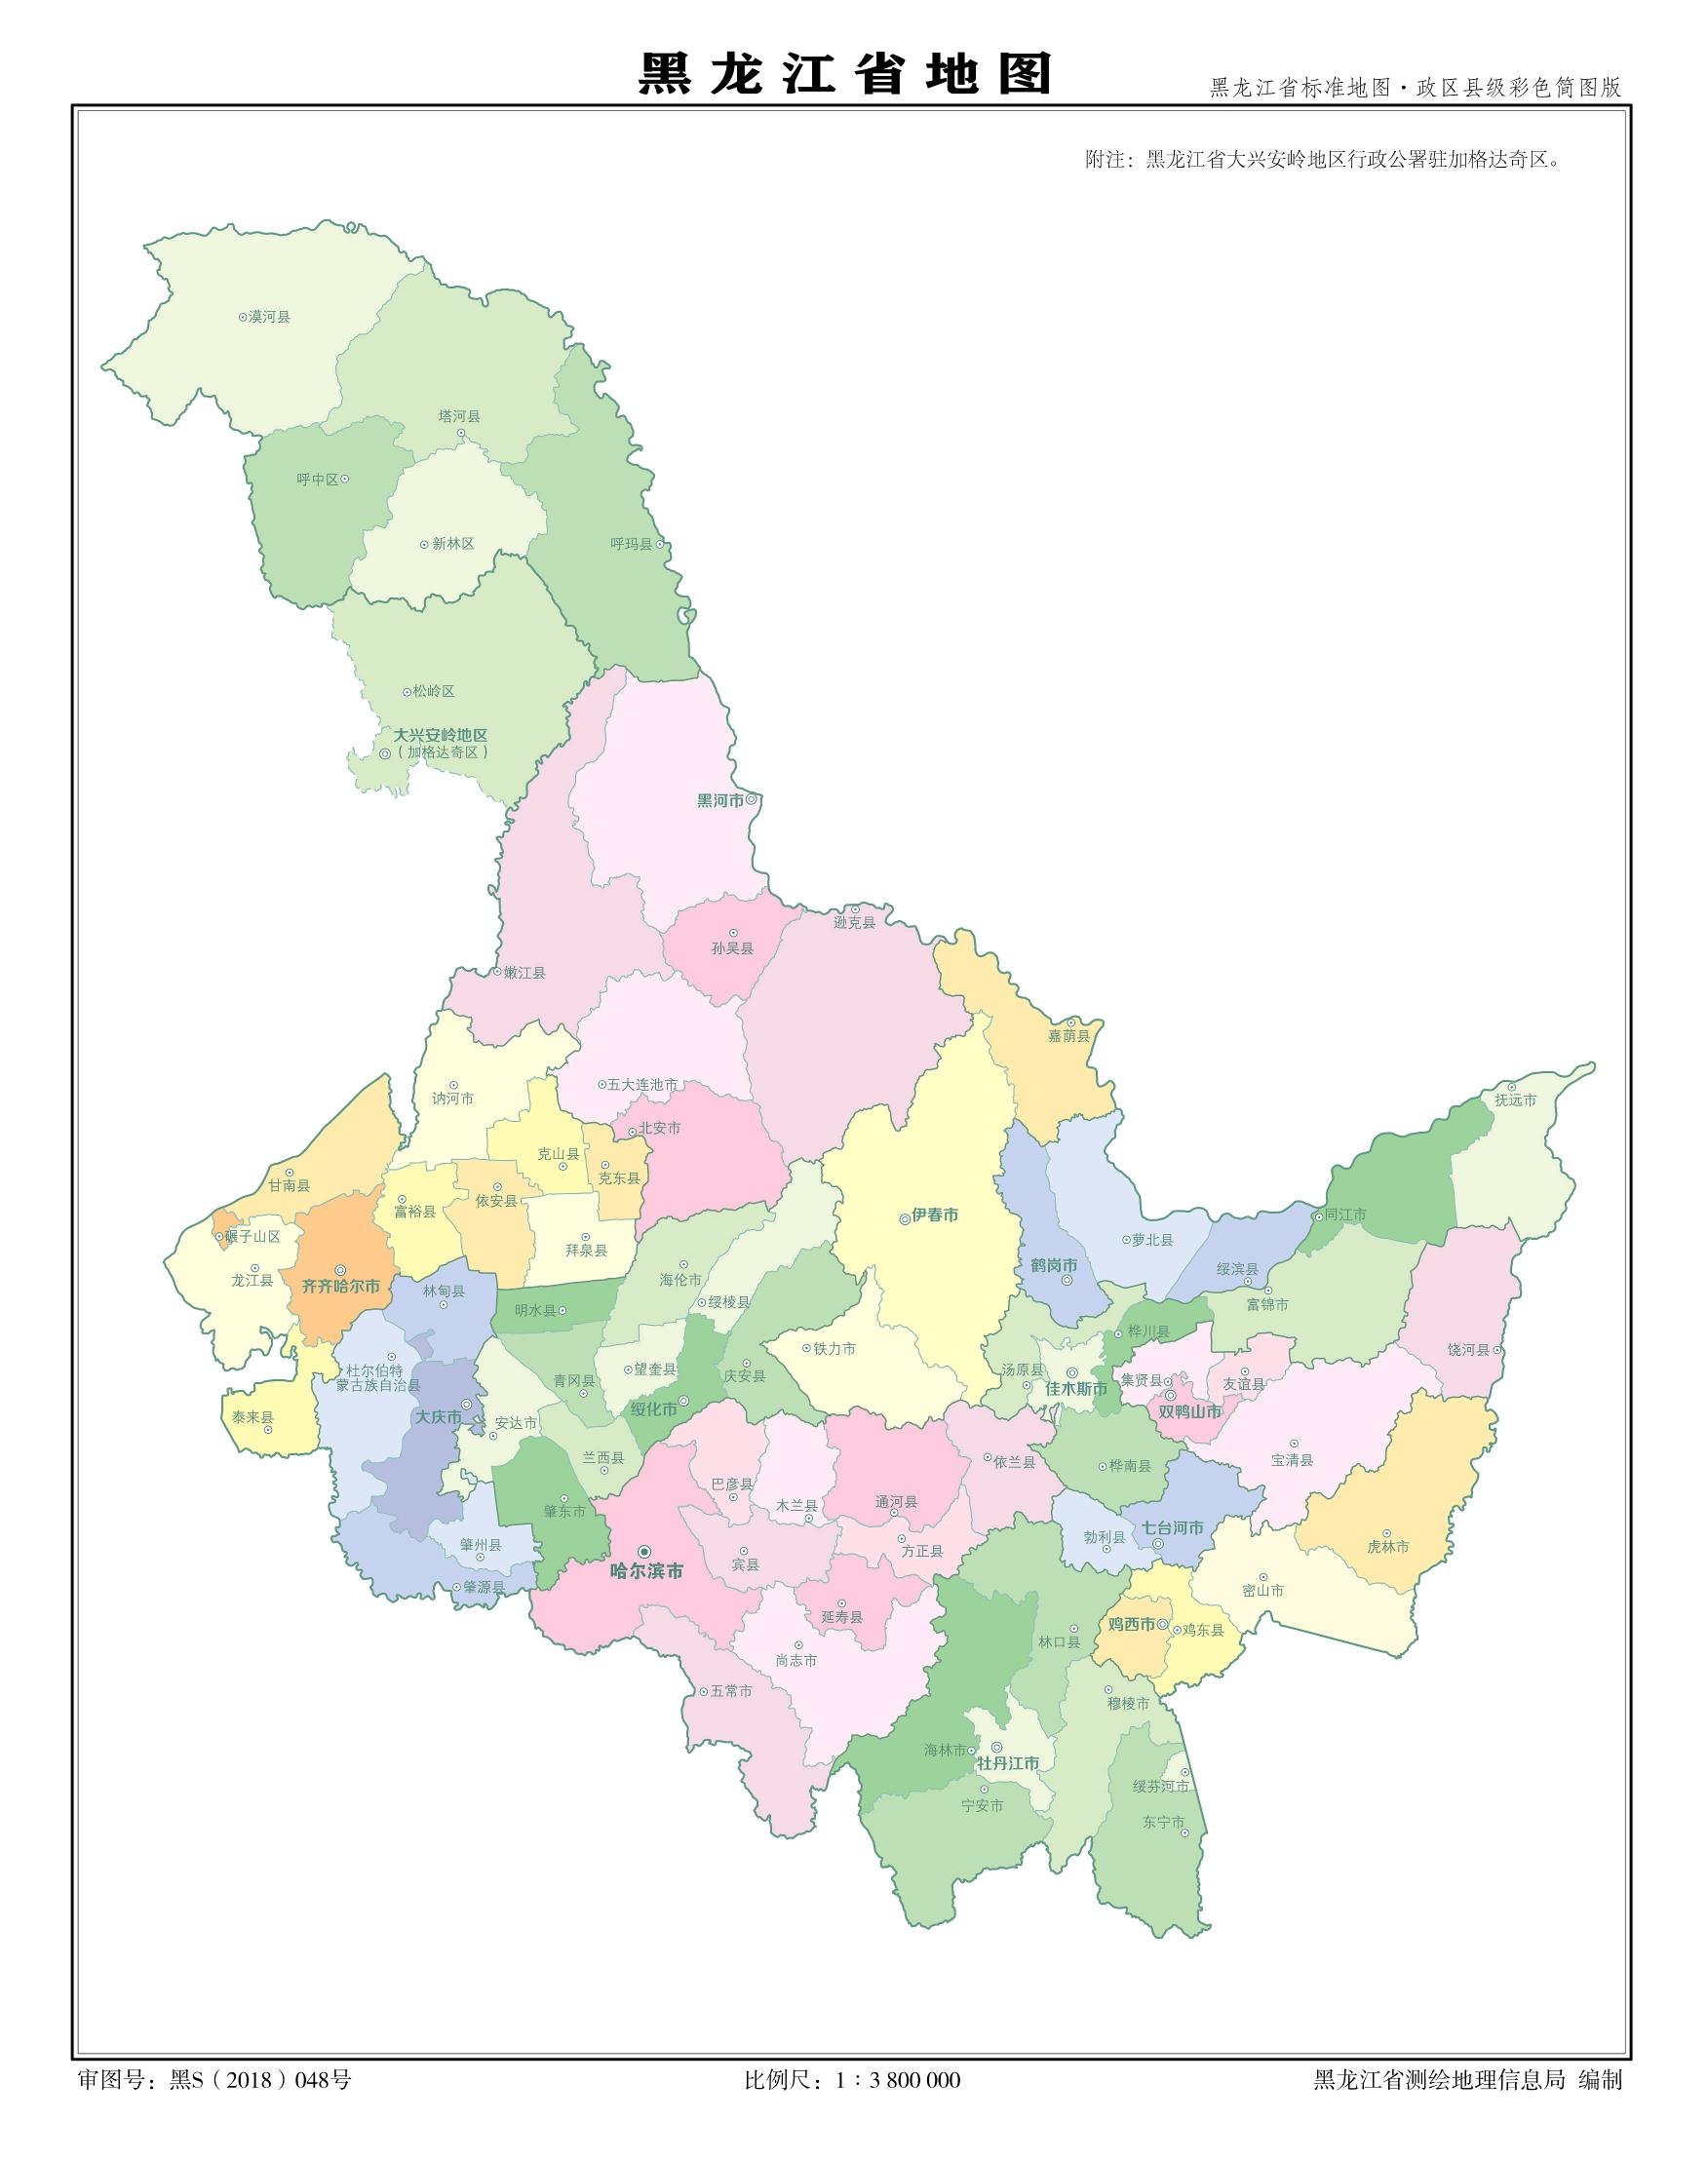 黑龙江省人口排名_黑龙江省地图